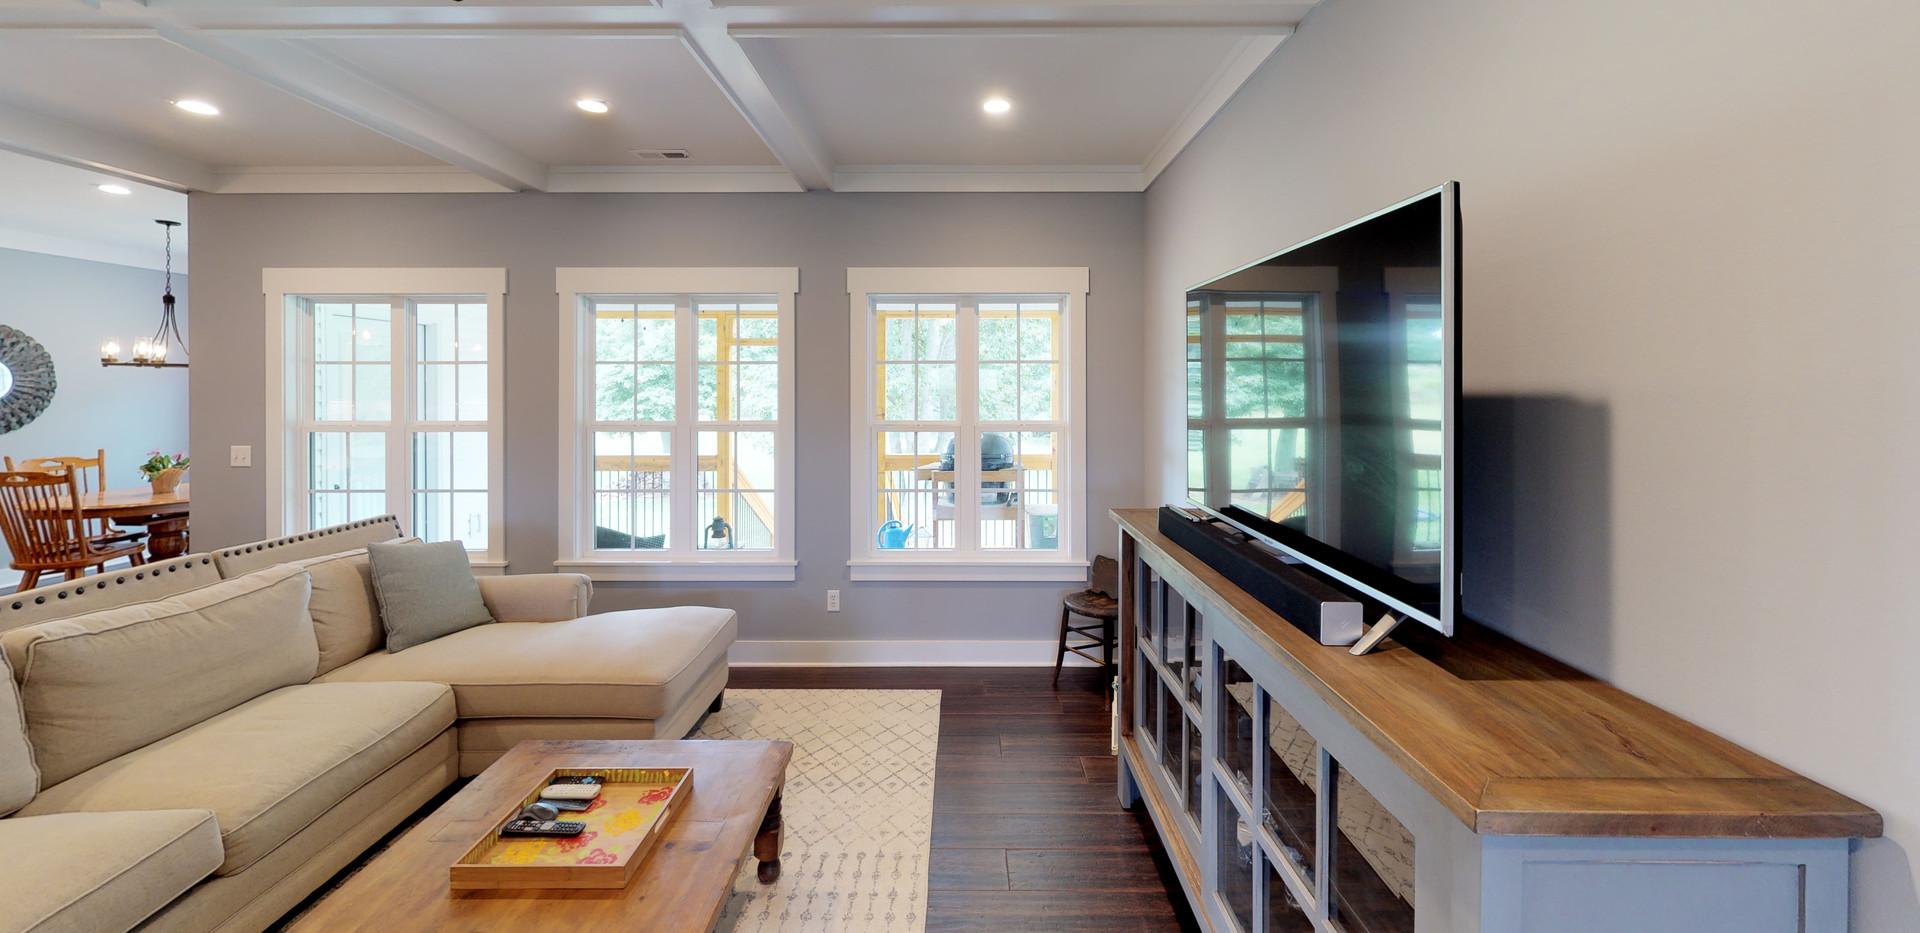 Chris-Barksdale-Design-Living.jpg